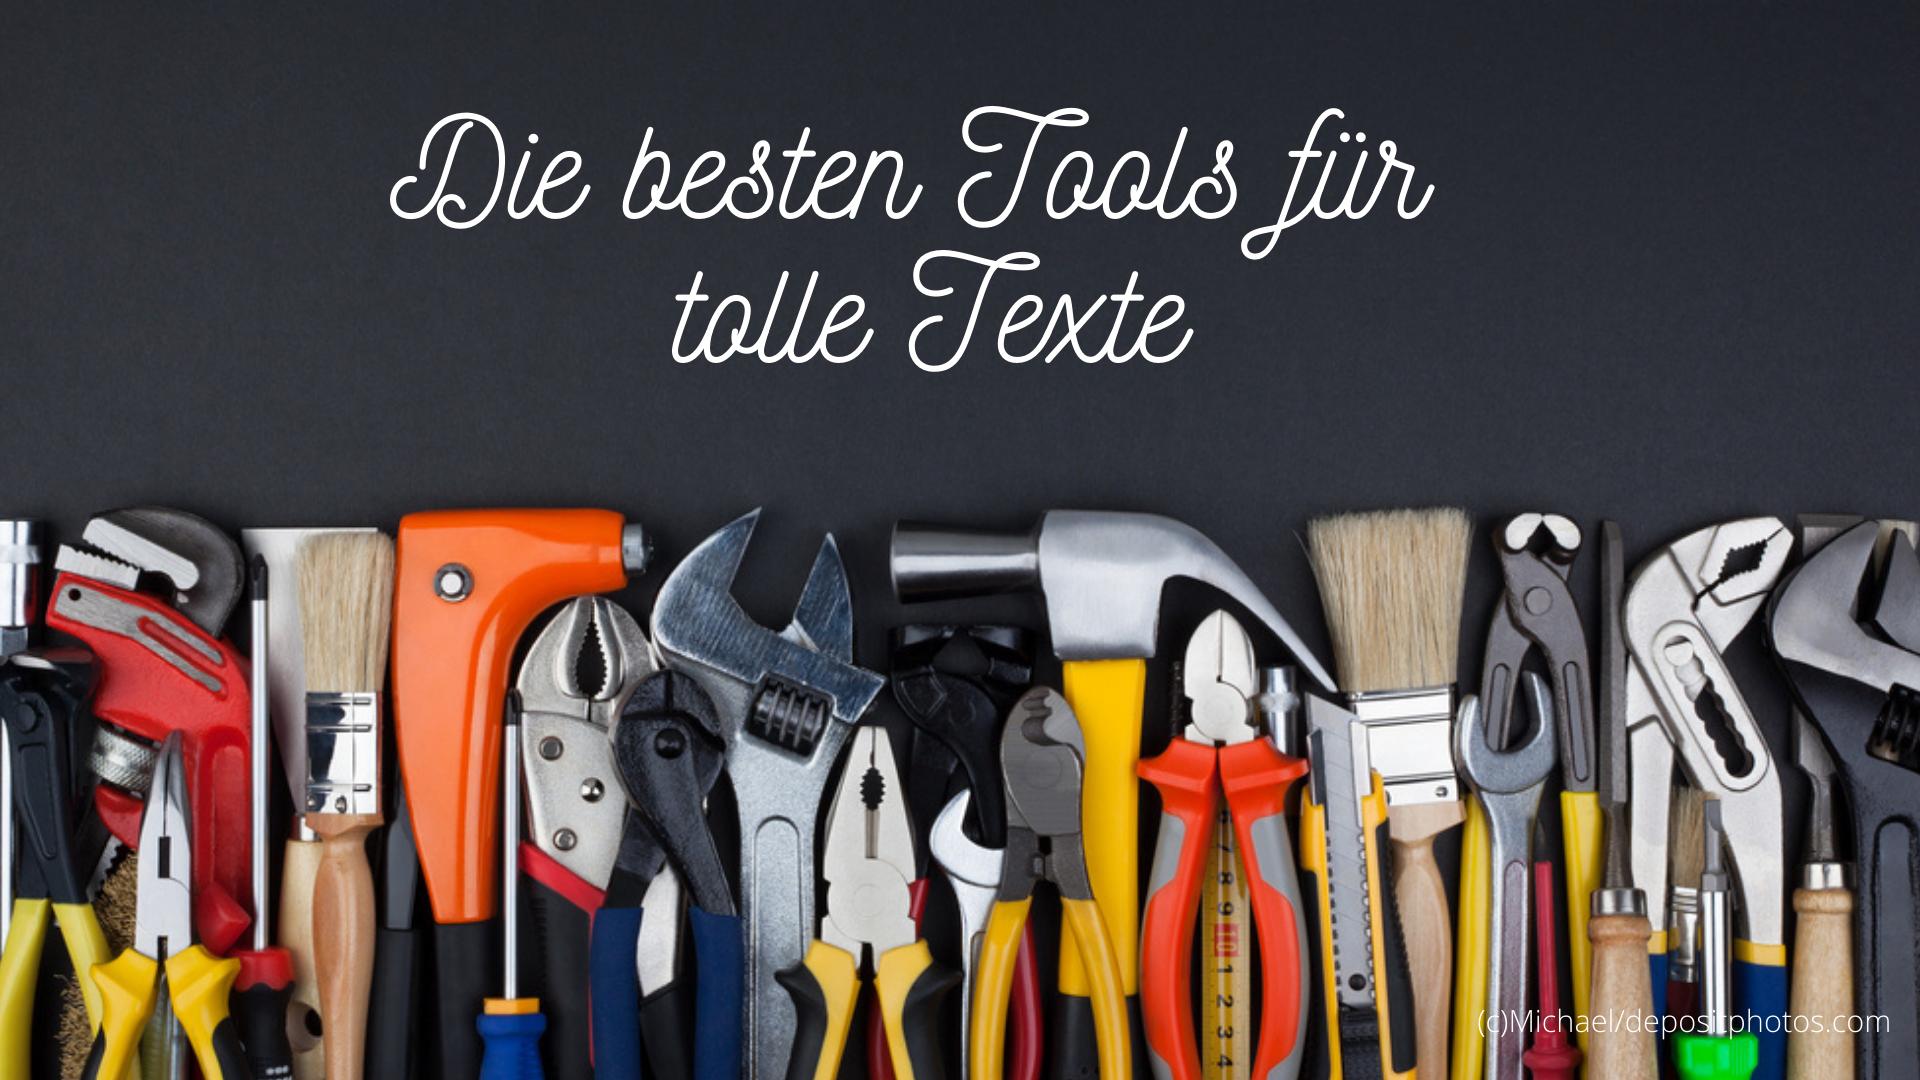 Tools zum Texten